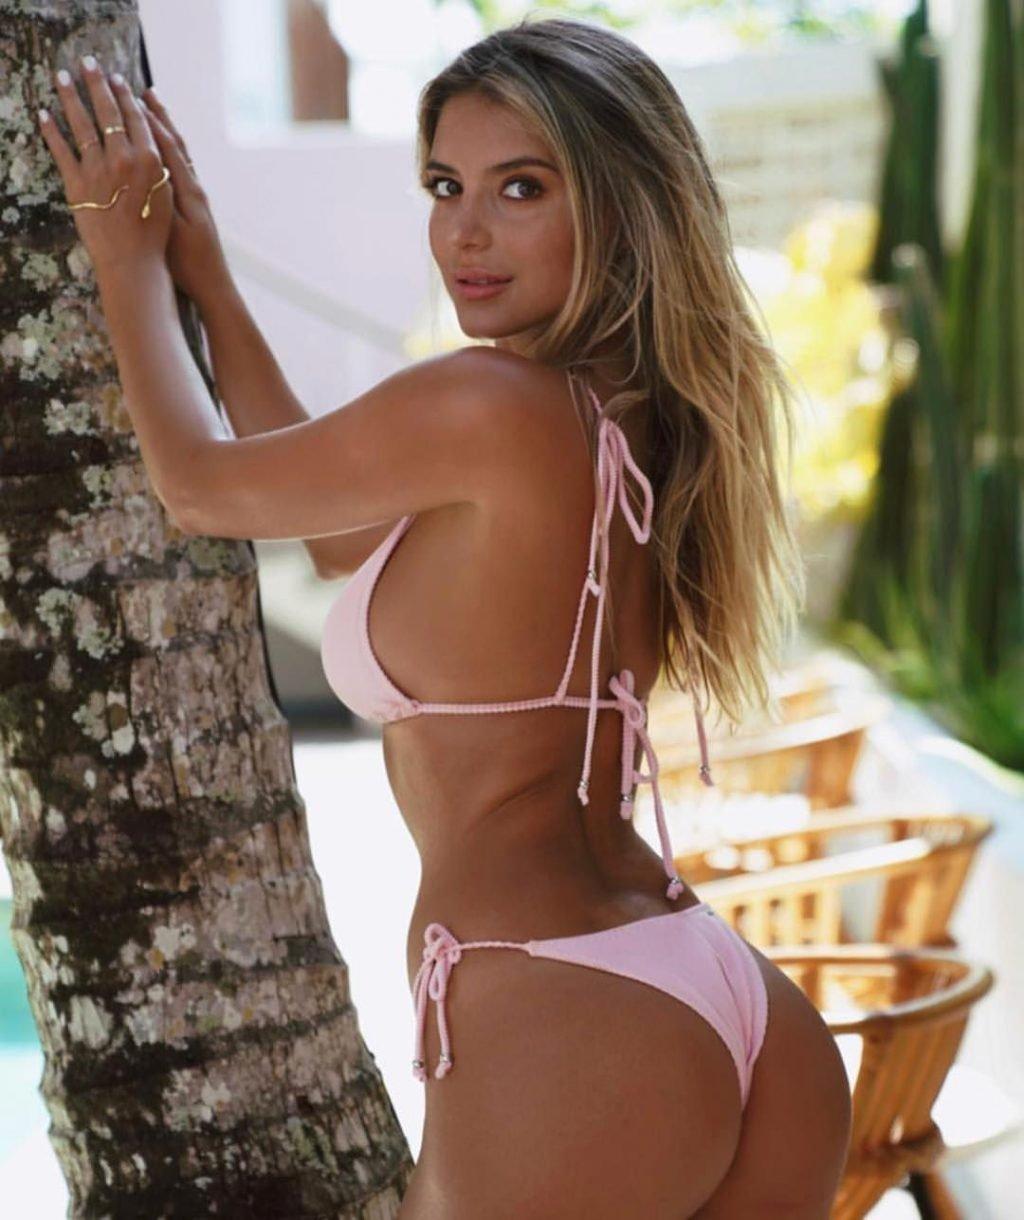 Tal en bikini - 1 part 8